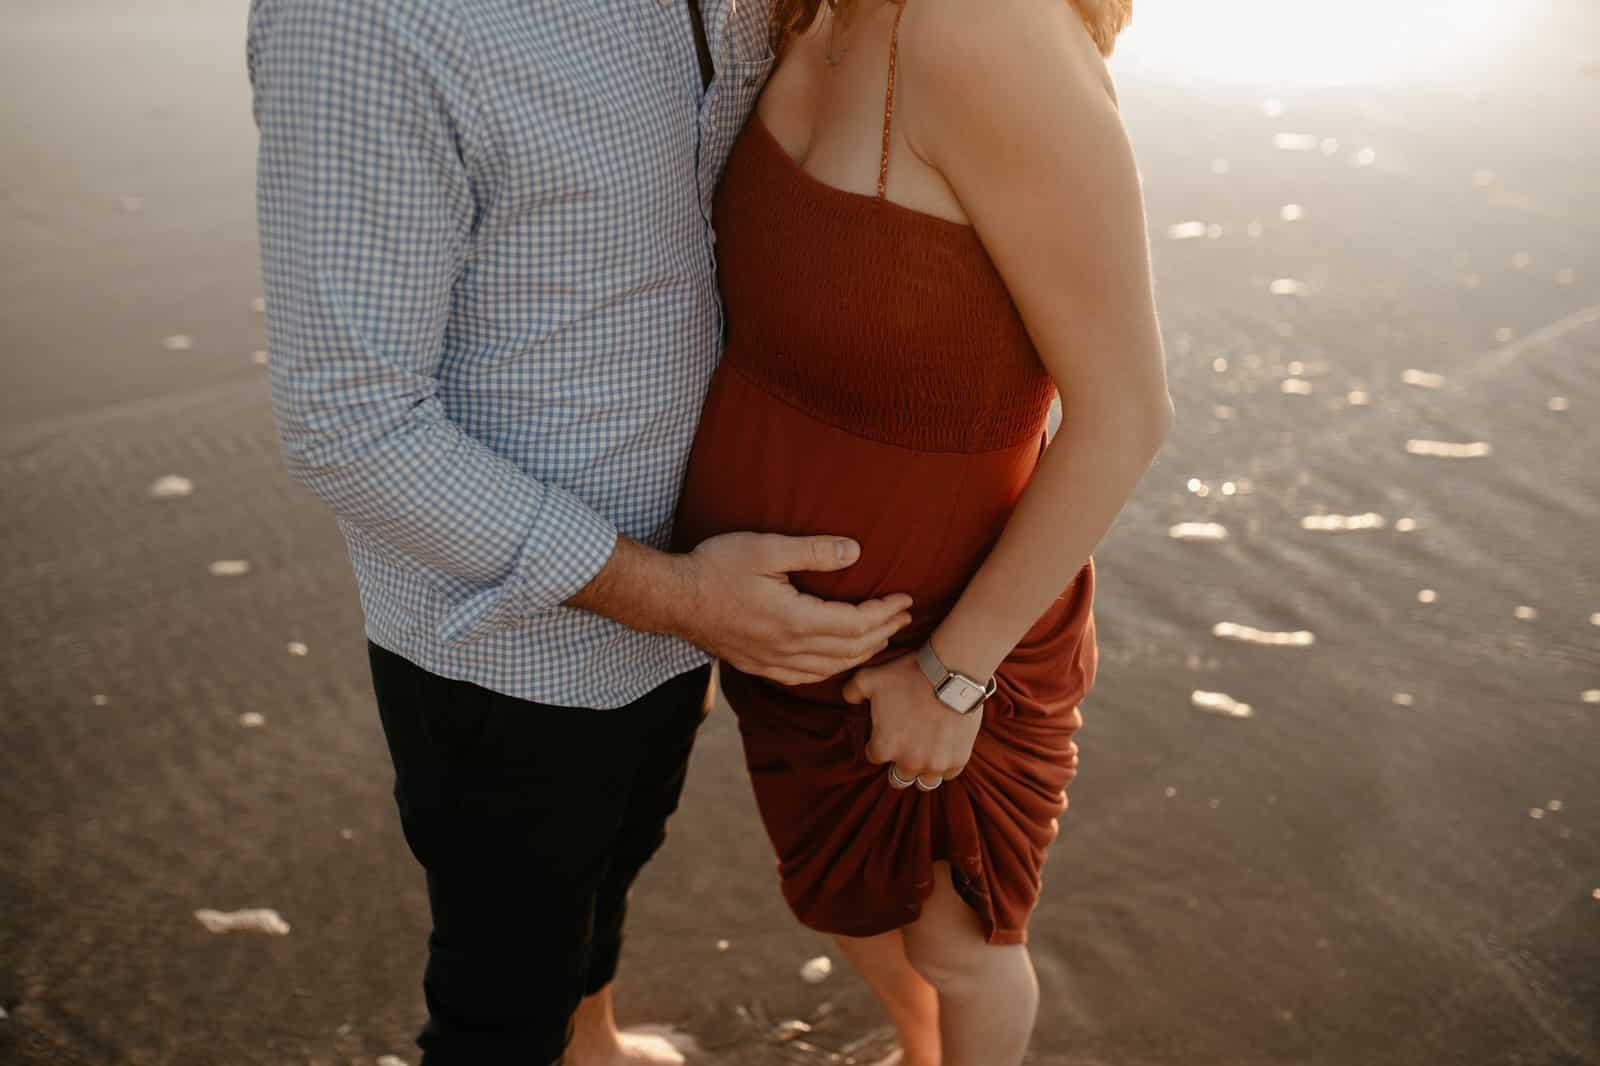 séance photo grossesse enceinte ventre rond plage normandie